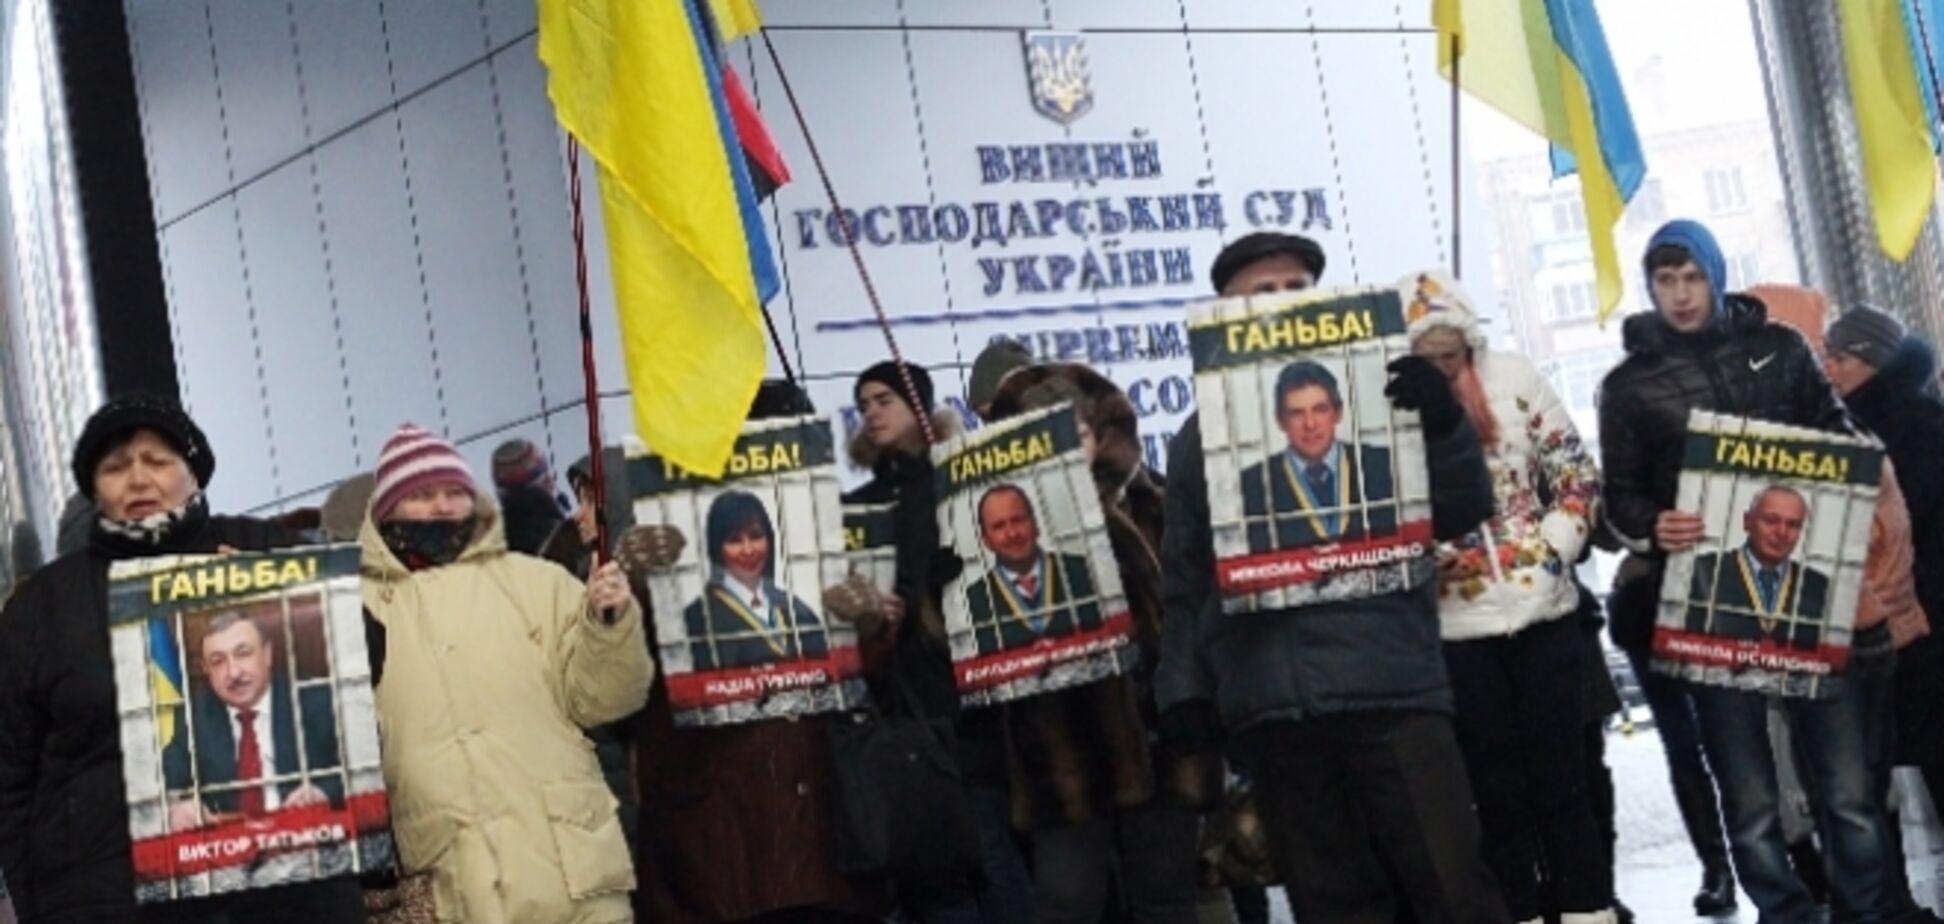 Главе ВХСУ устроили 'коридор позора': опубликованы фото